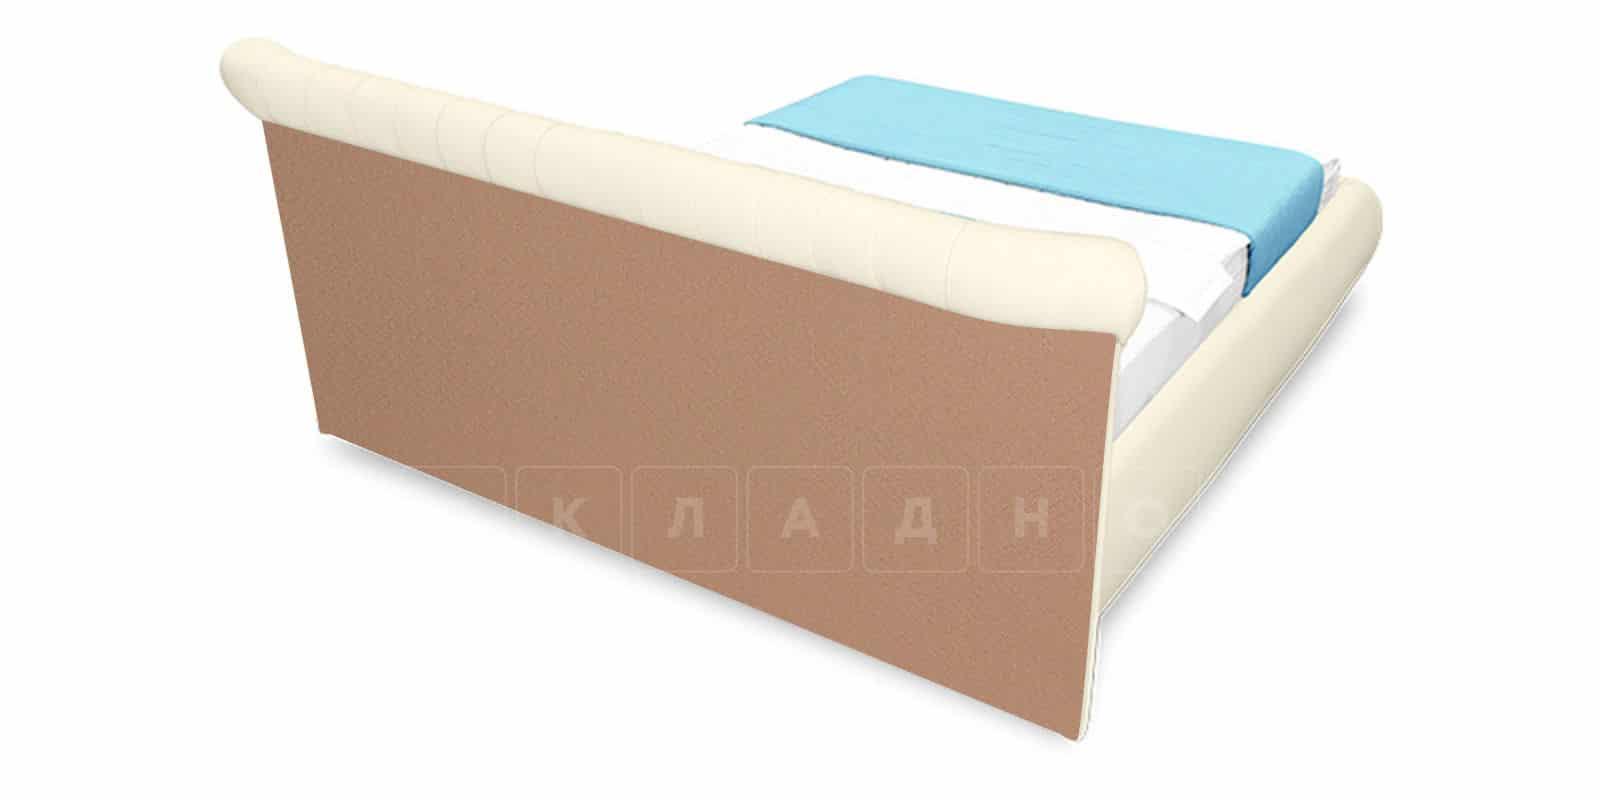 Мягкая кровать Вирджиния 160см экокожа молочного цвета фото 4 | интернет-магазин Складно